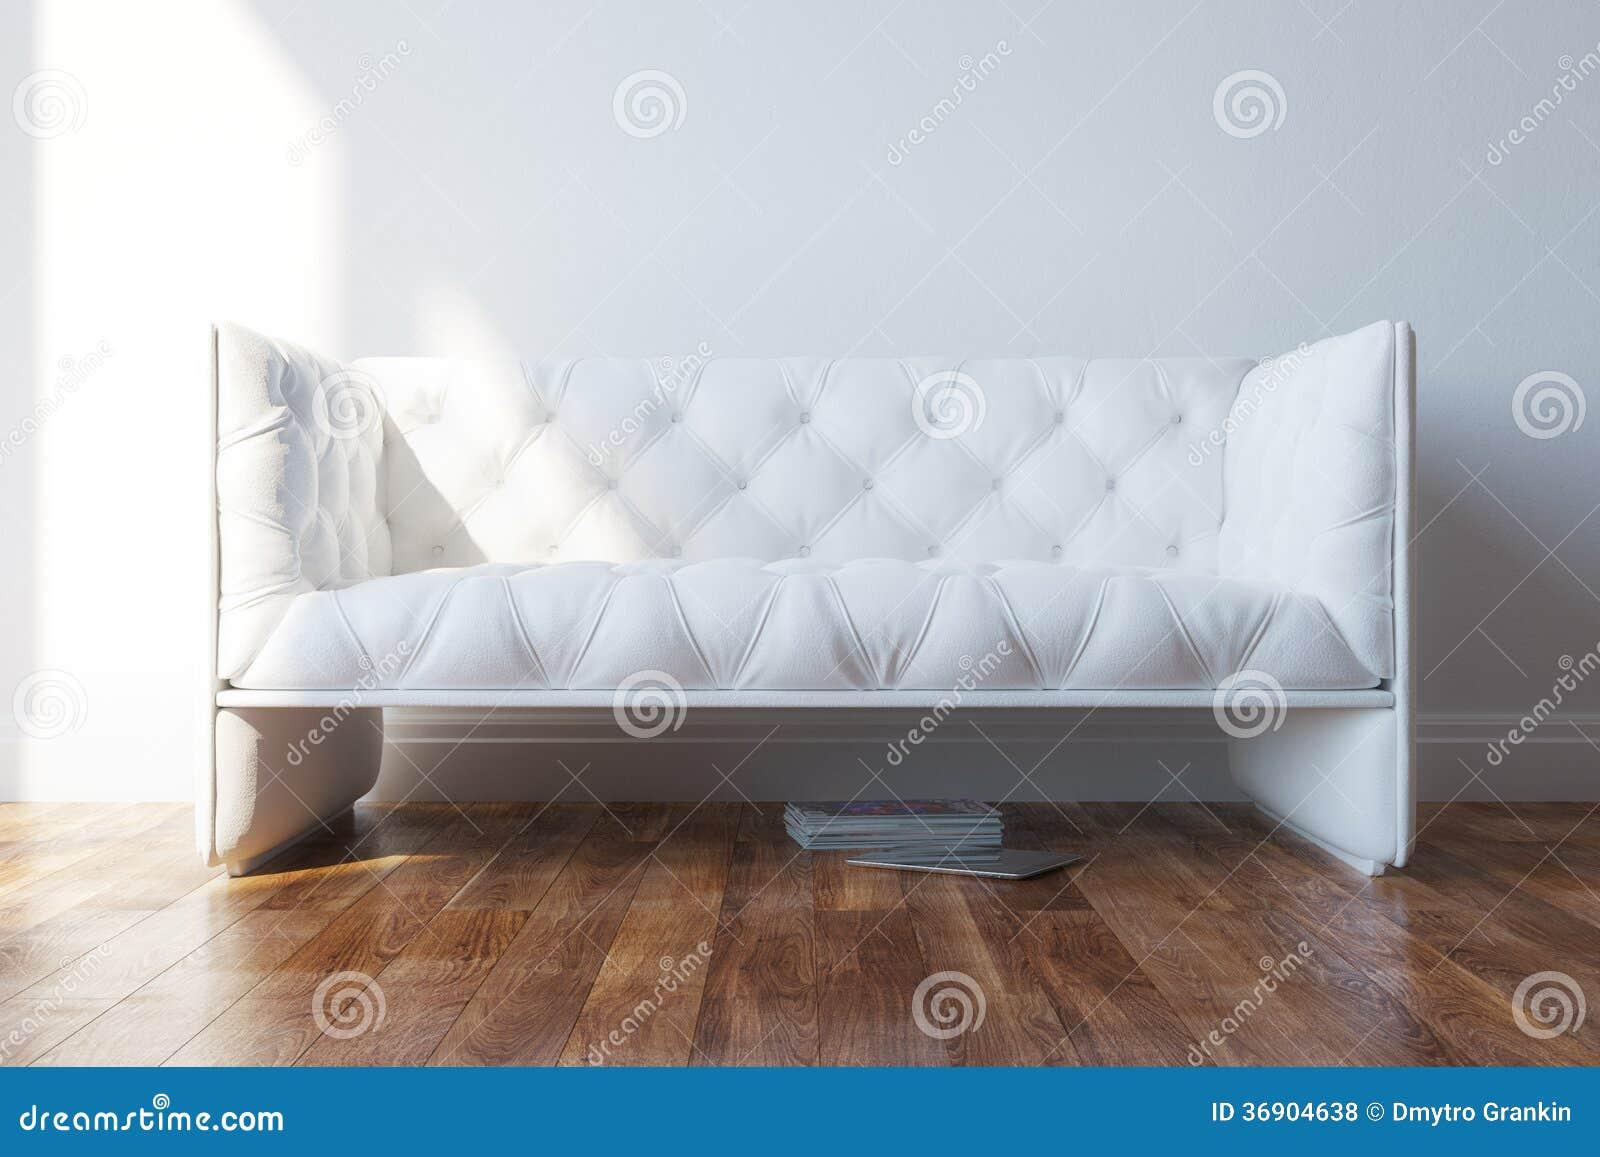 Vintage white design couch in minimalist interior royalty for Vintage minimalist interior design